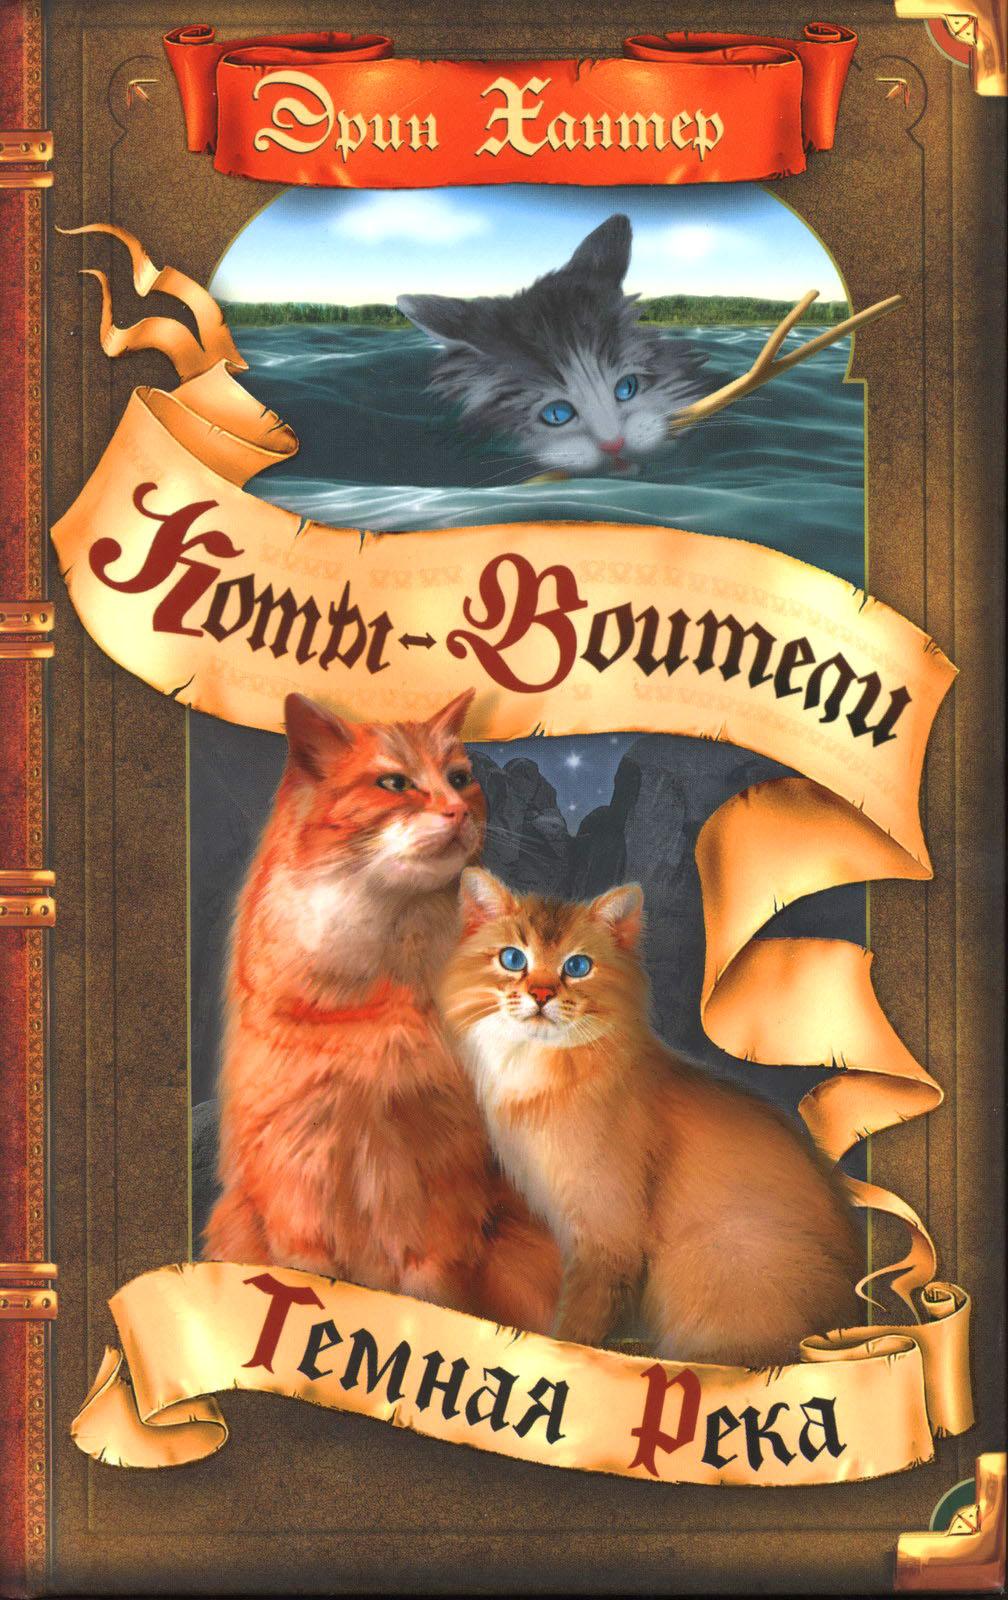 Коты воители темная река скачать fb2